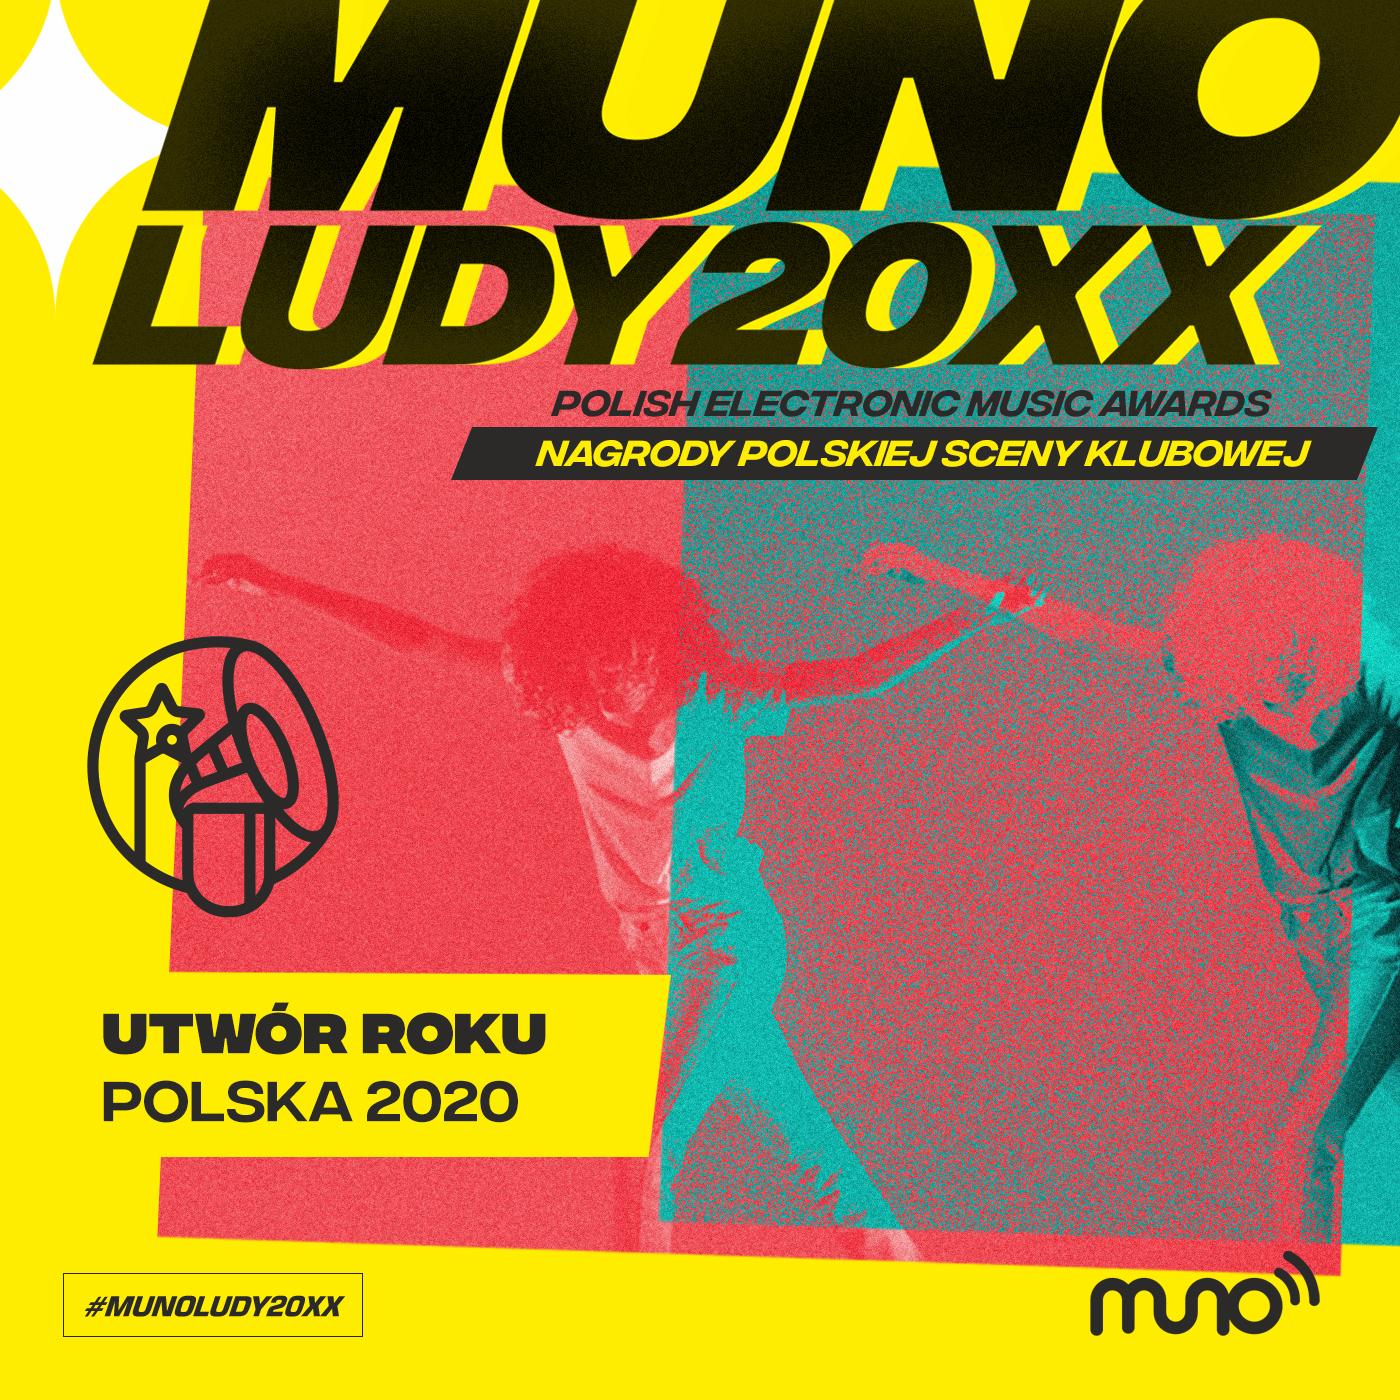 Munoludy 20XX Utwór Roku Polska 2020